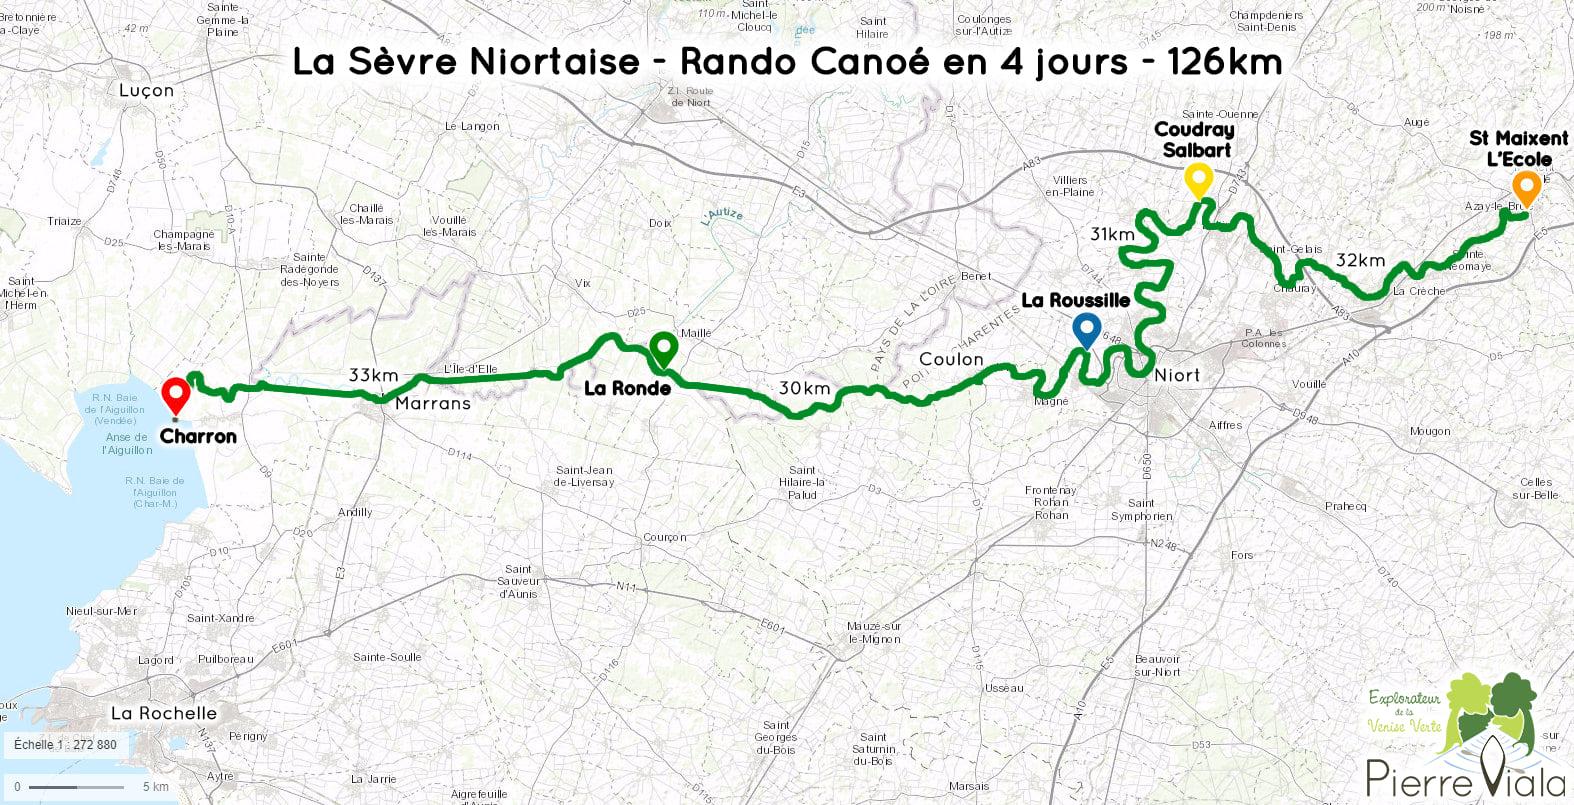 Carte Venise Verte.Randonnee Canoe 4 Jours Sur La Sevre Niortaise Aout 2015